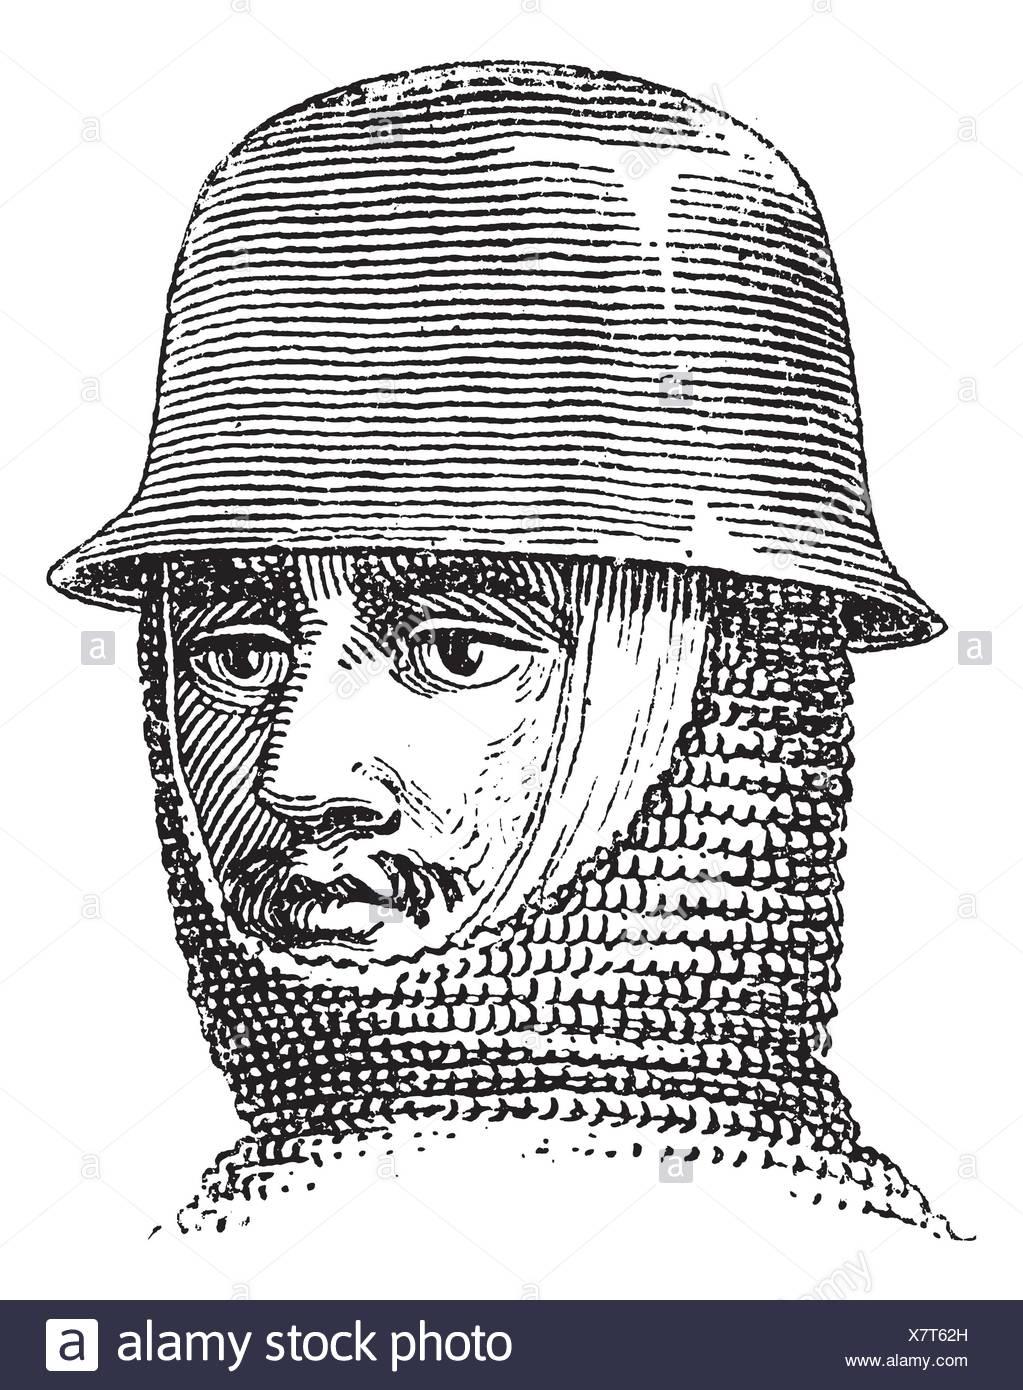 a4b3aa103cce2 Sombrero de hierro o hervidor sombrero o casco o galea vintage antiguo  grabado ilustración grabada de hierro hat